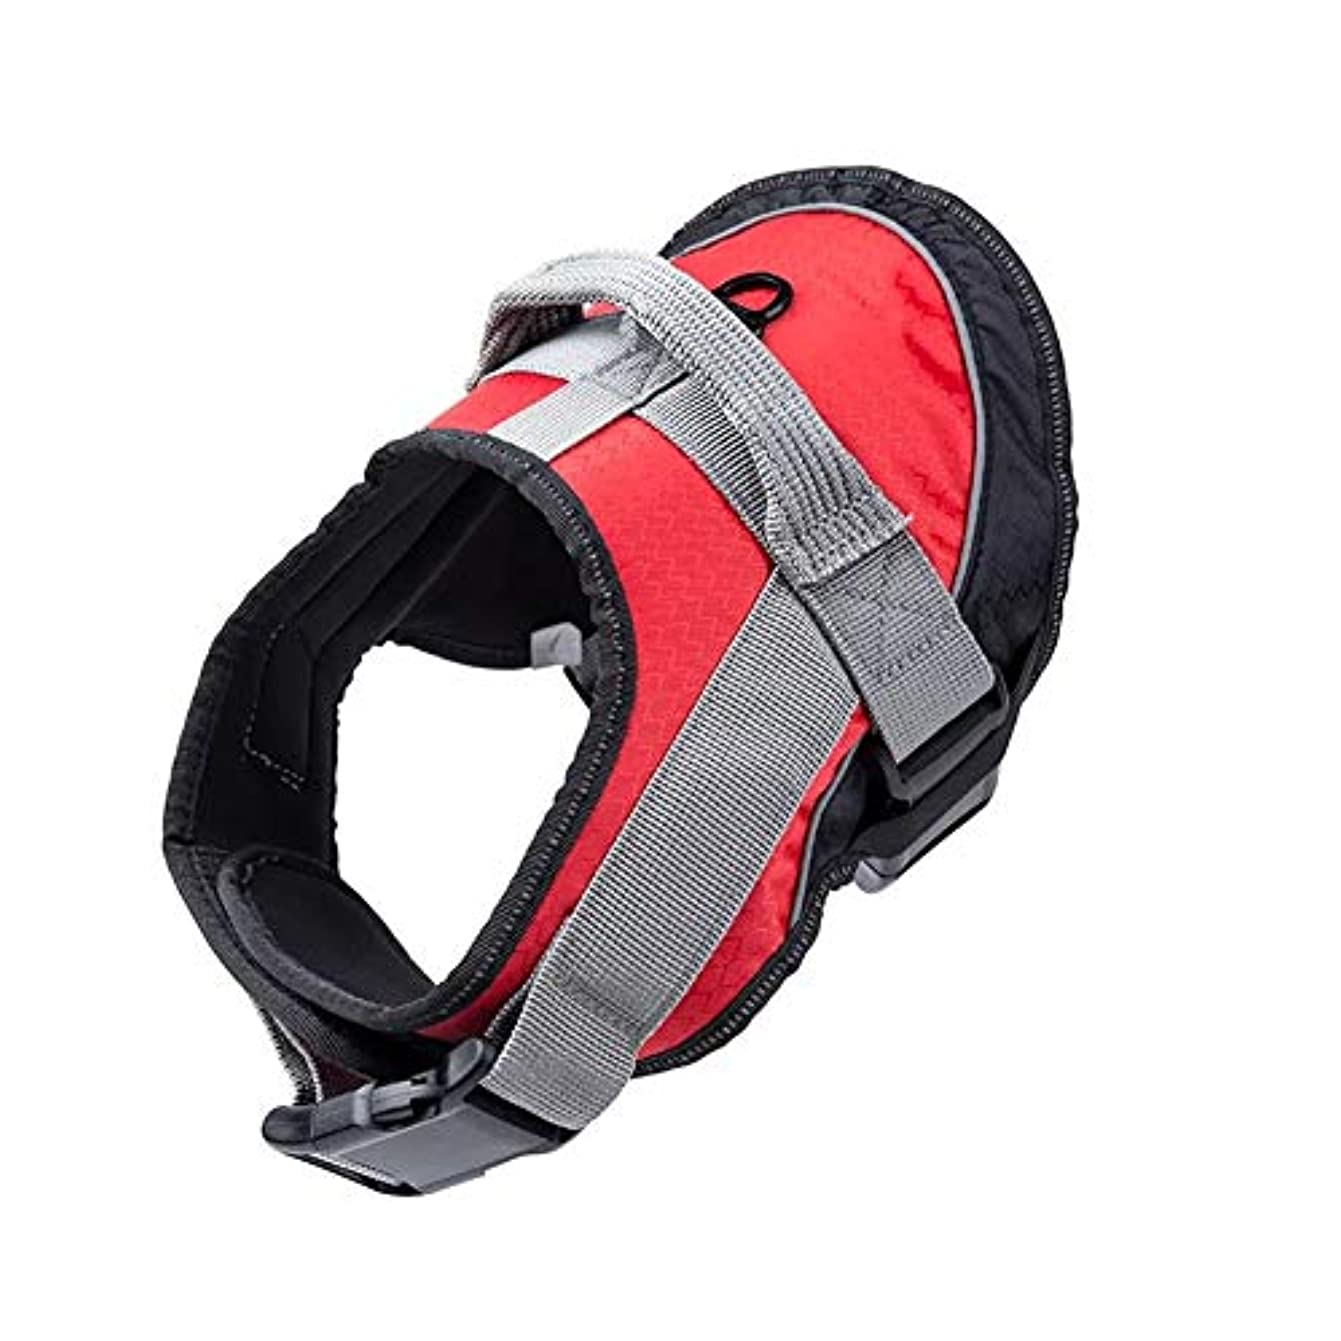 パドルジャズ彼らのもの犬ハーネス 調節可能なチェストストラップ 上部にハンドル付きの通気性パッド入りベスト 大型犬用のロックバックル付きの簡単な着脱ハーネス,赤,XL